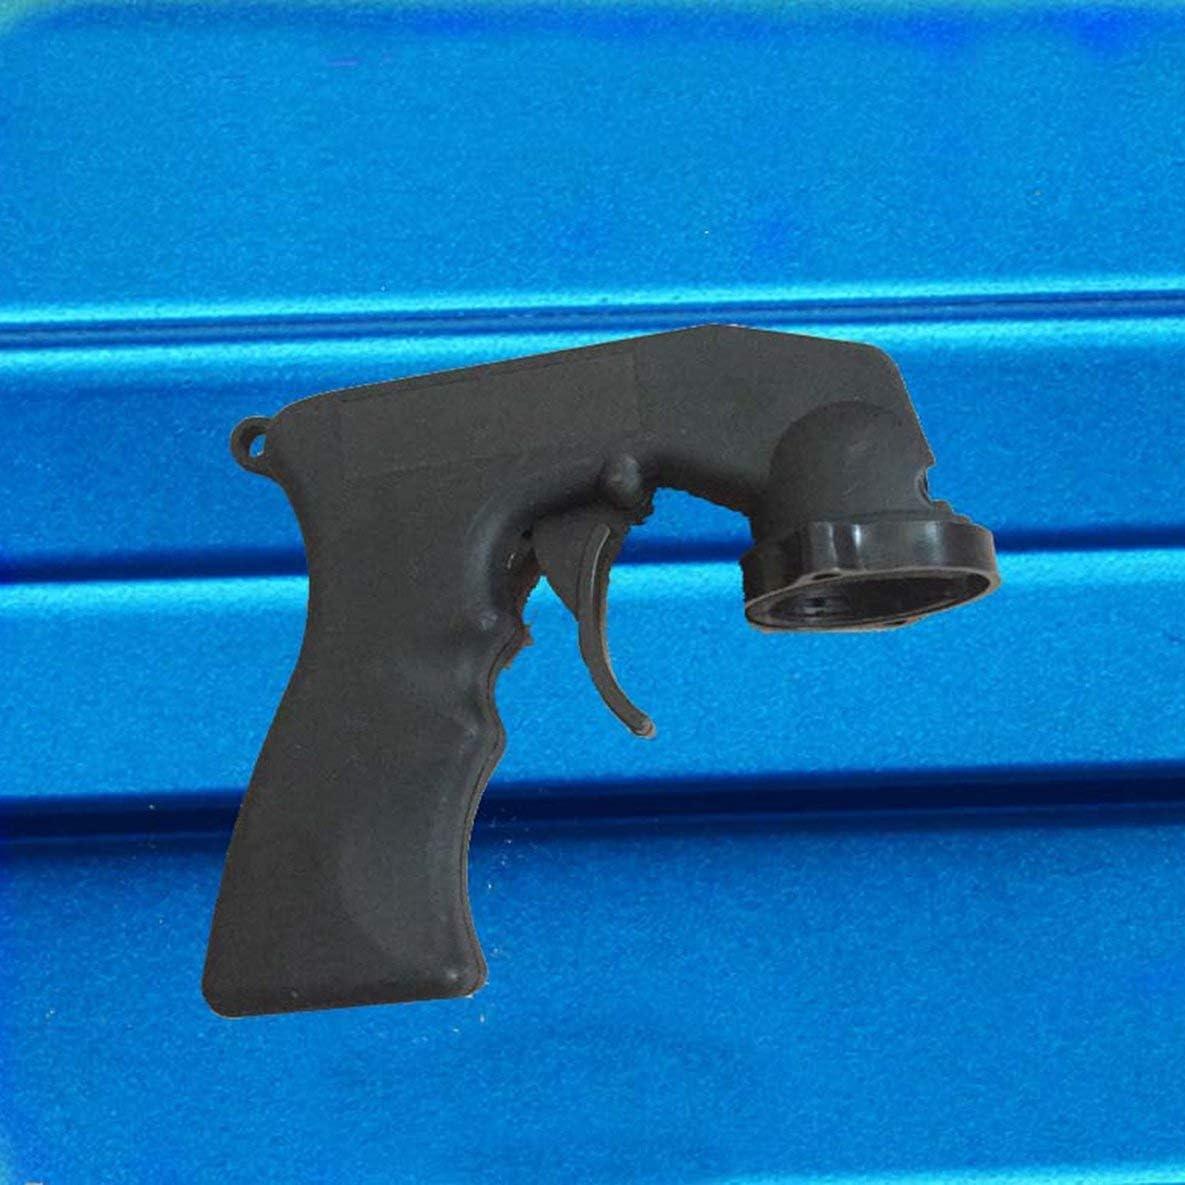 Rouku Adattatore per spruzzo Cura della Vernice Bomboletta Spray Bomboletta per Pistola con Impugnatura a Scatto Completo Collare di bloccaggio Manutenzione Auto per verniciatura